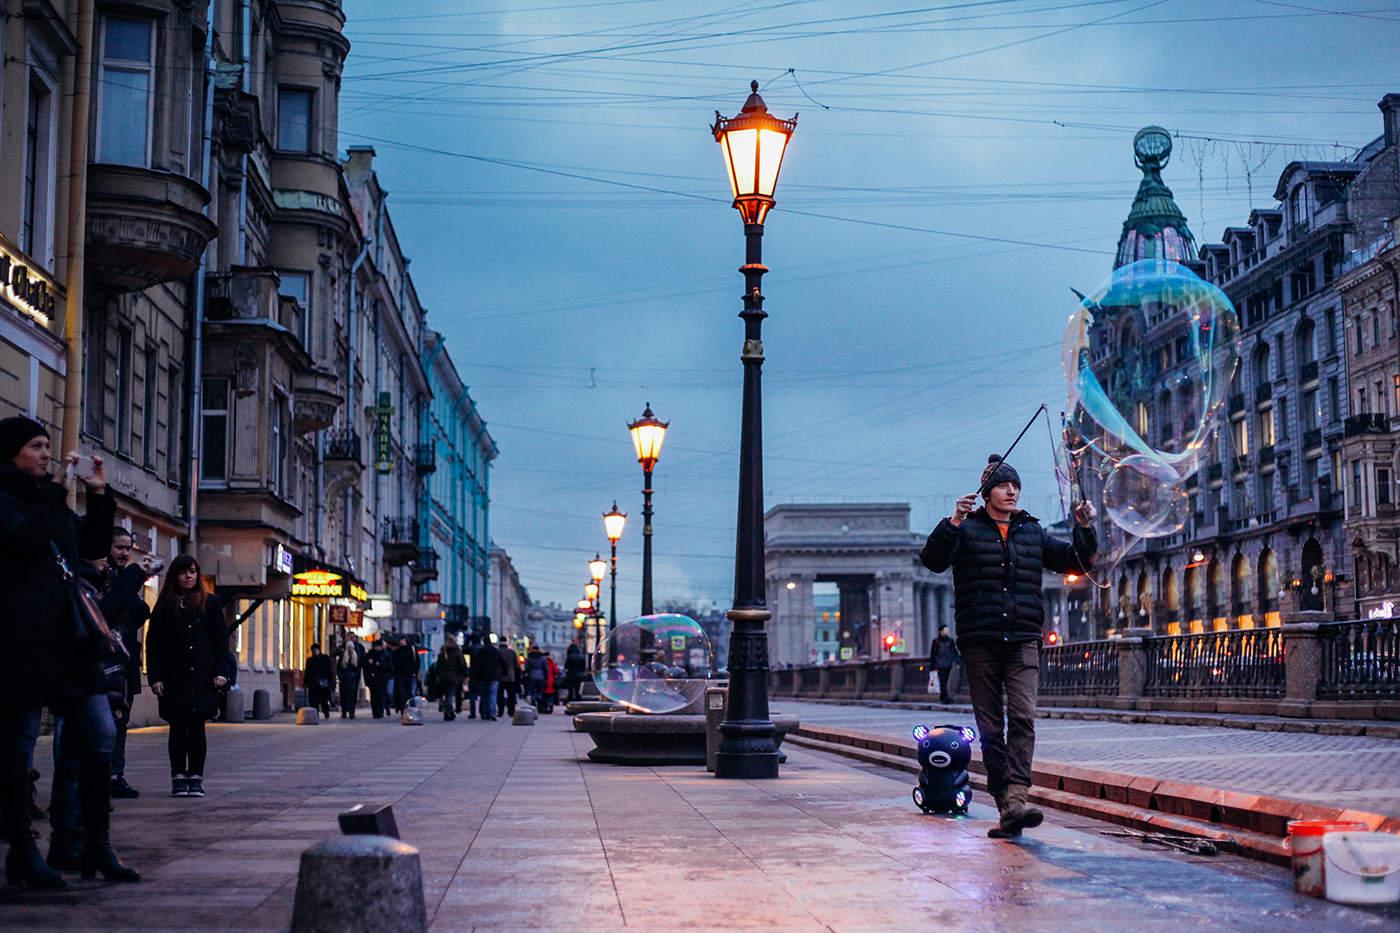 переключения между спб красивые улицы для фотографии временная